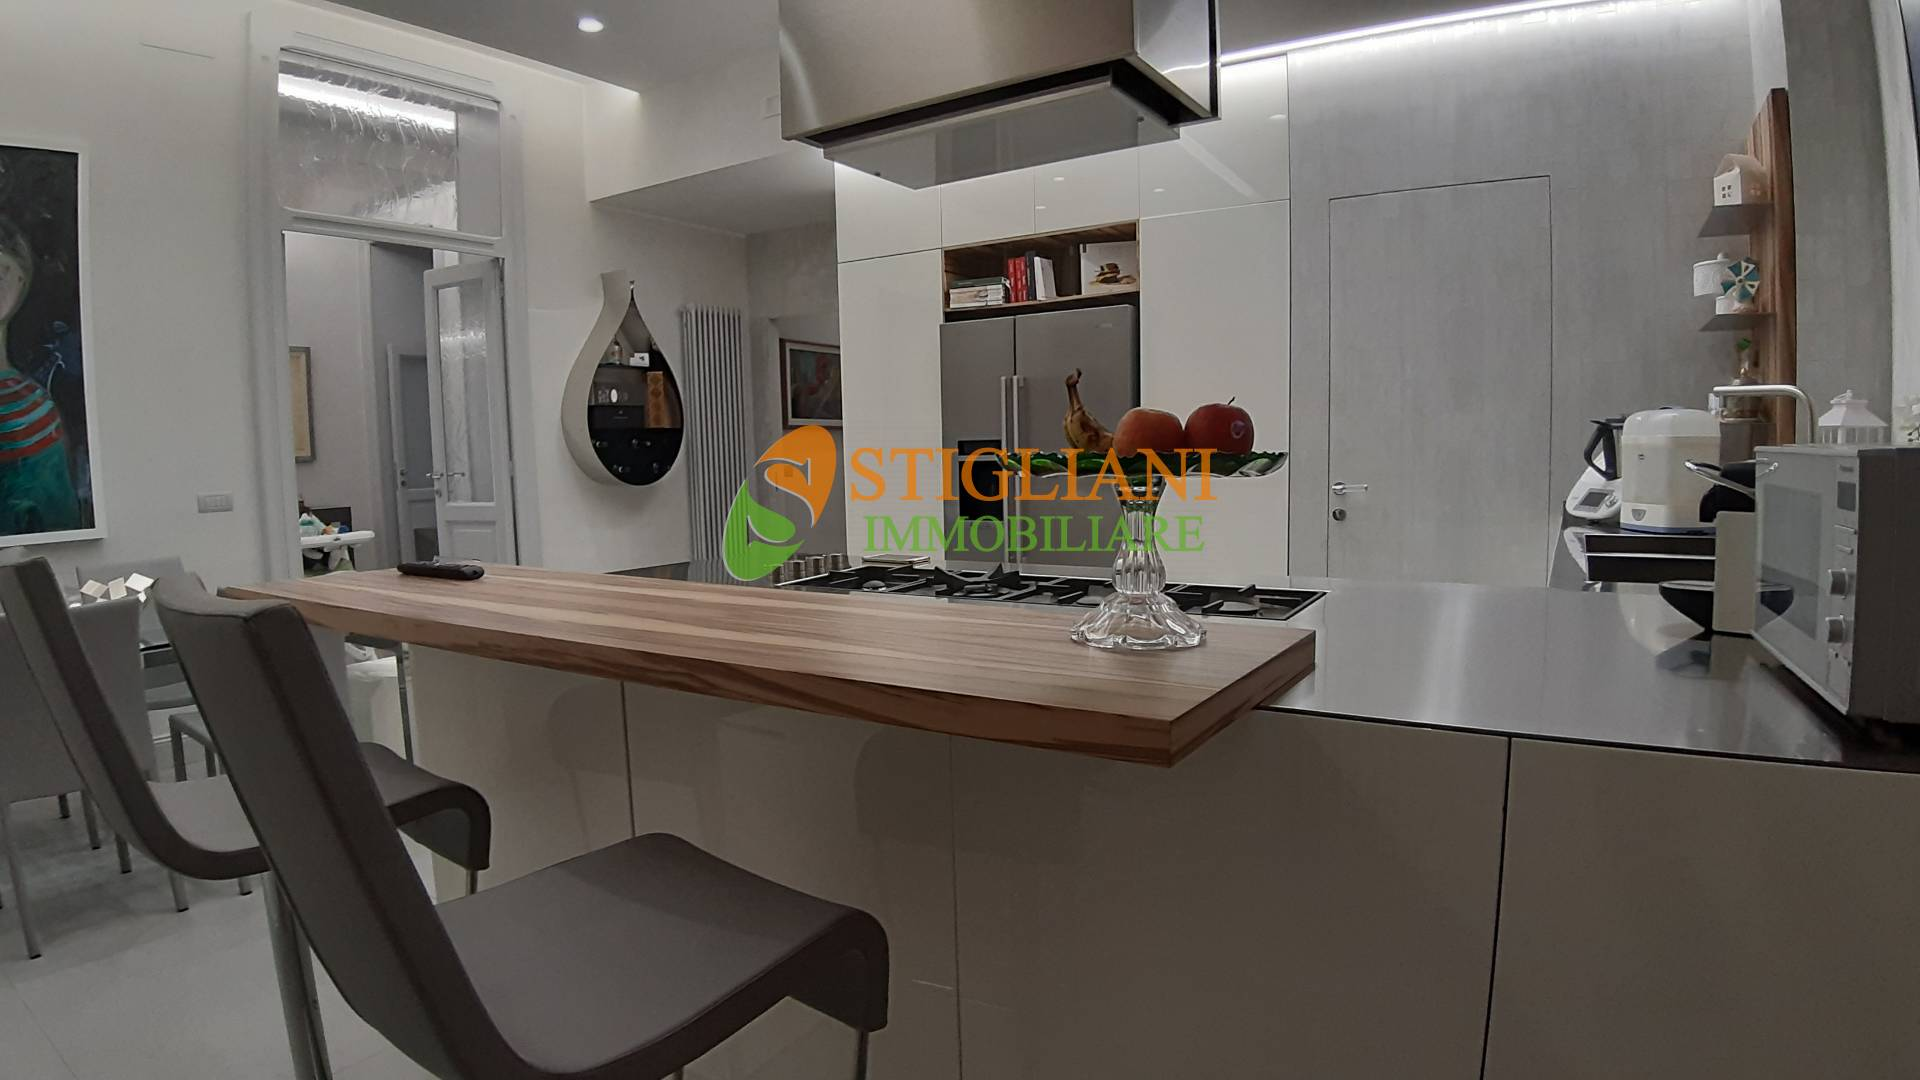 Appartamento in vendita a Campobasso, 6 locali, zona ro, Trattative riservate | PortaleAgenzieImmobiliari.it